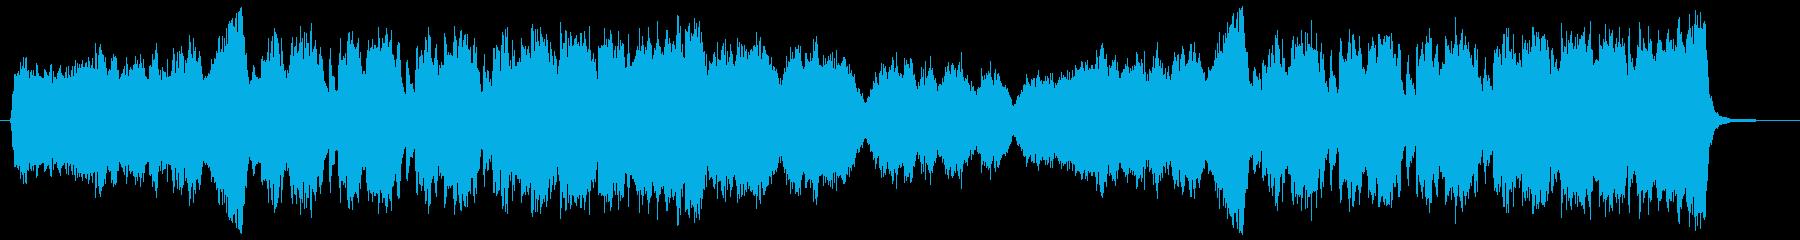 不穏なイメージのオーケストラの再生済みの波形